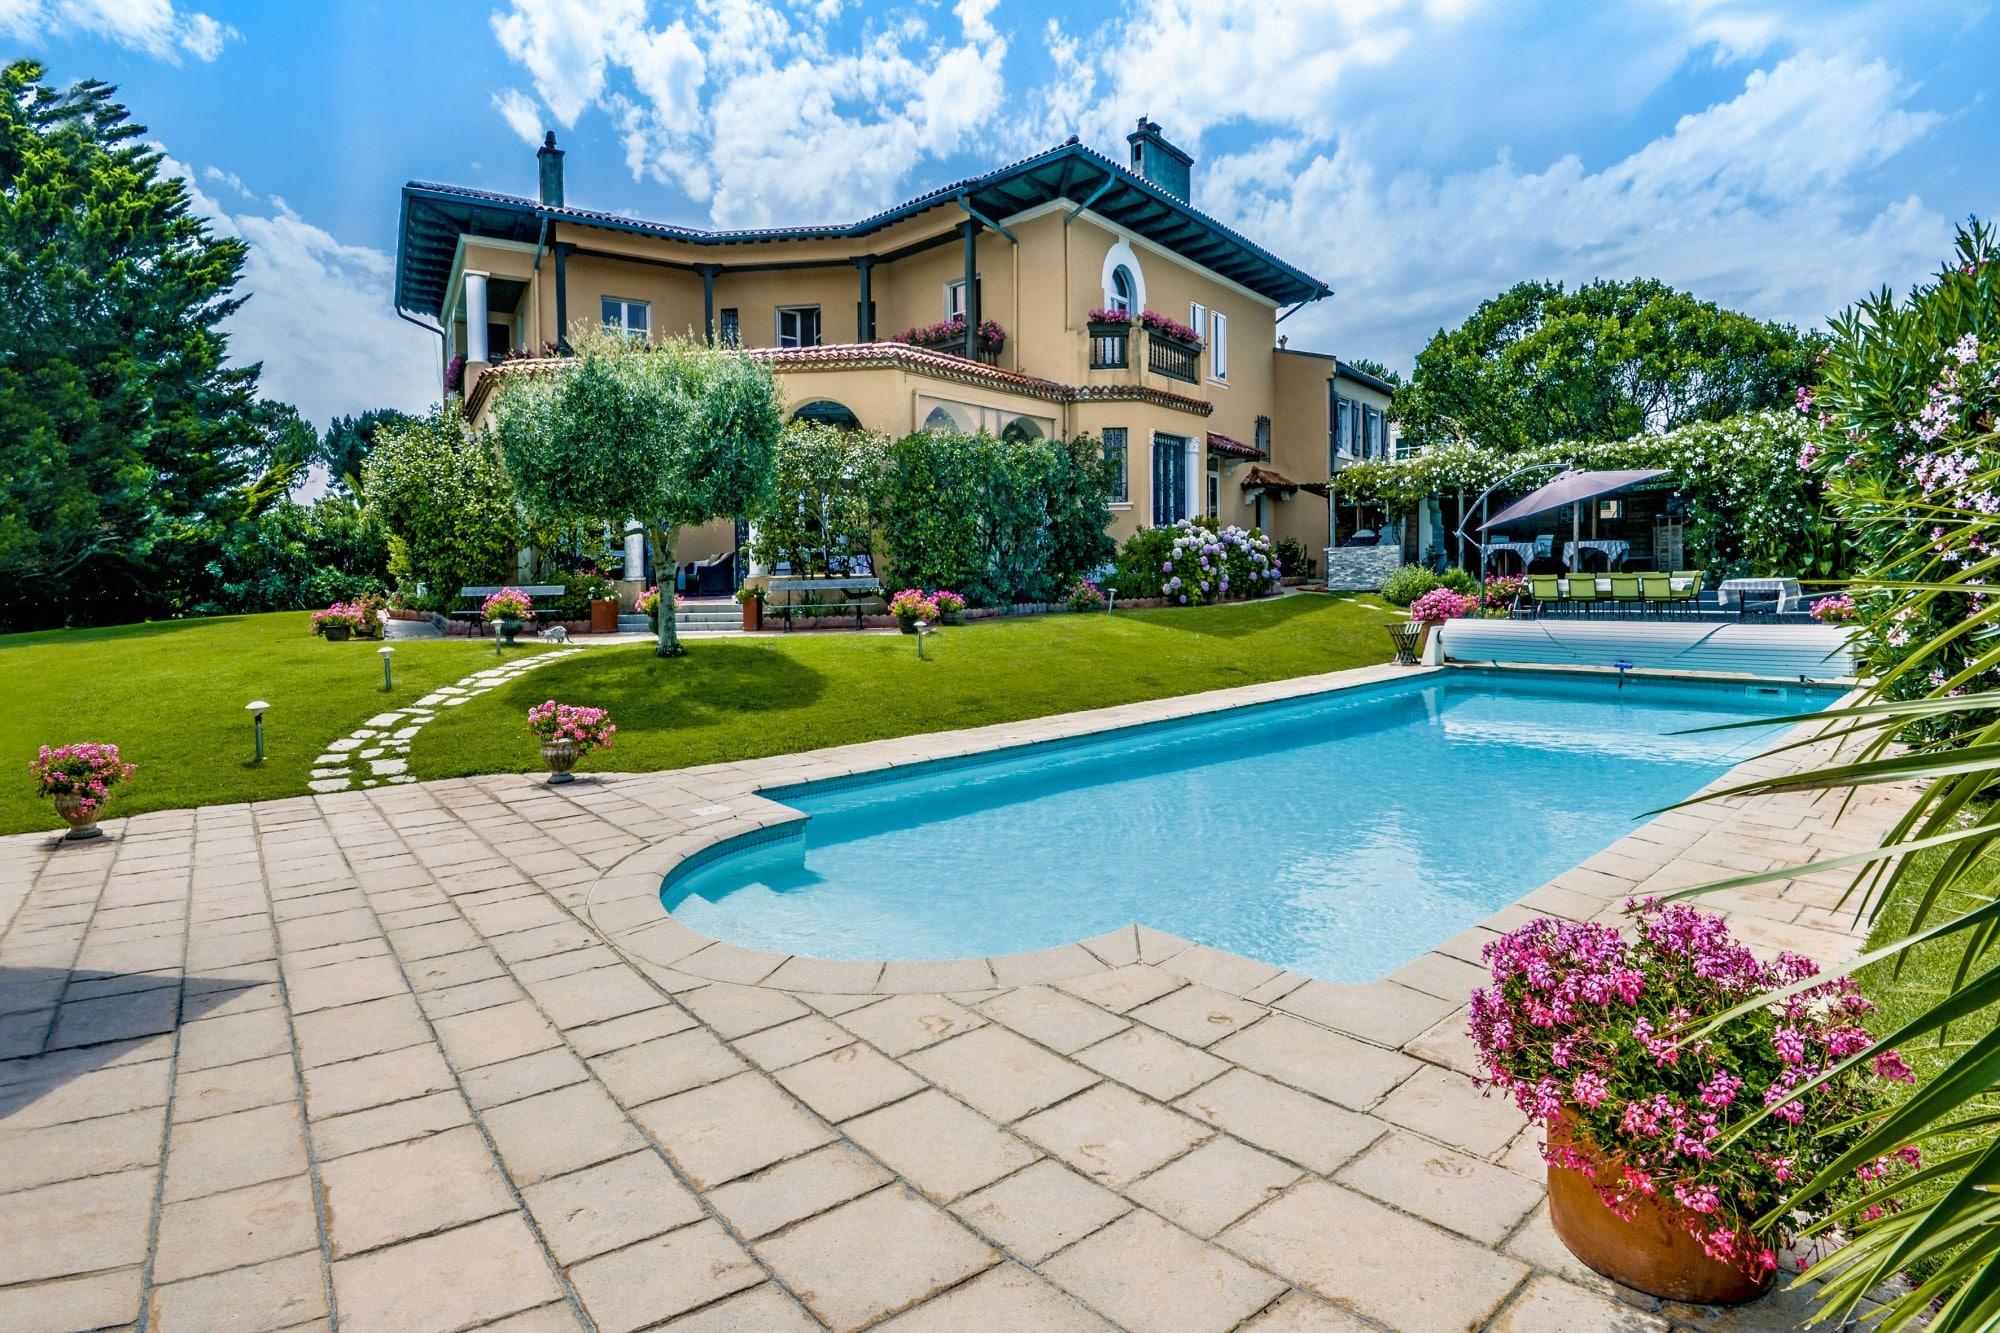 Comment acheter une maison en andalousie newzy executive - Acheter une maison louee pour y habiter ...